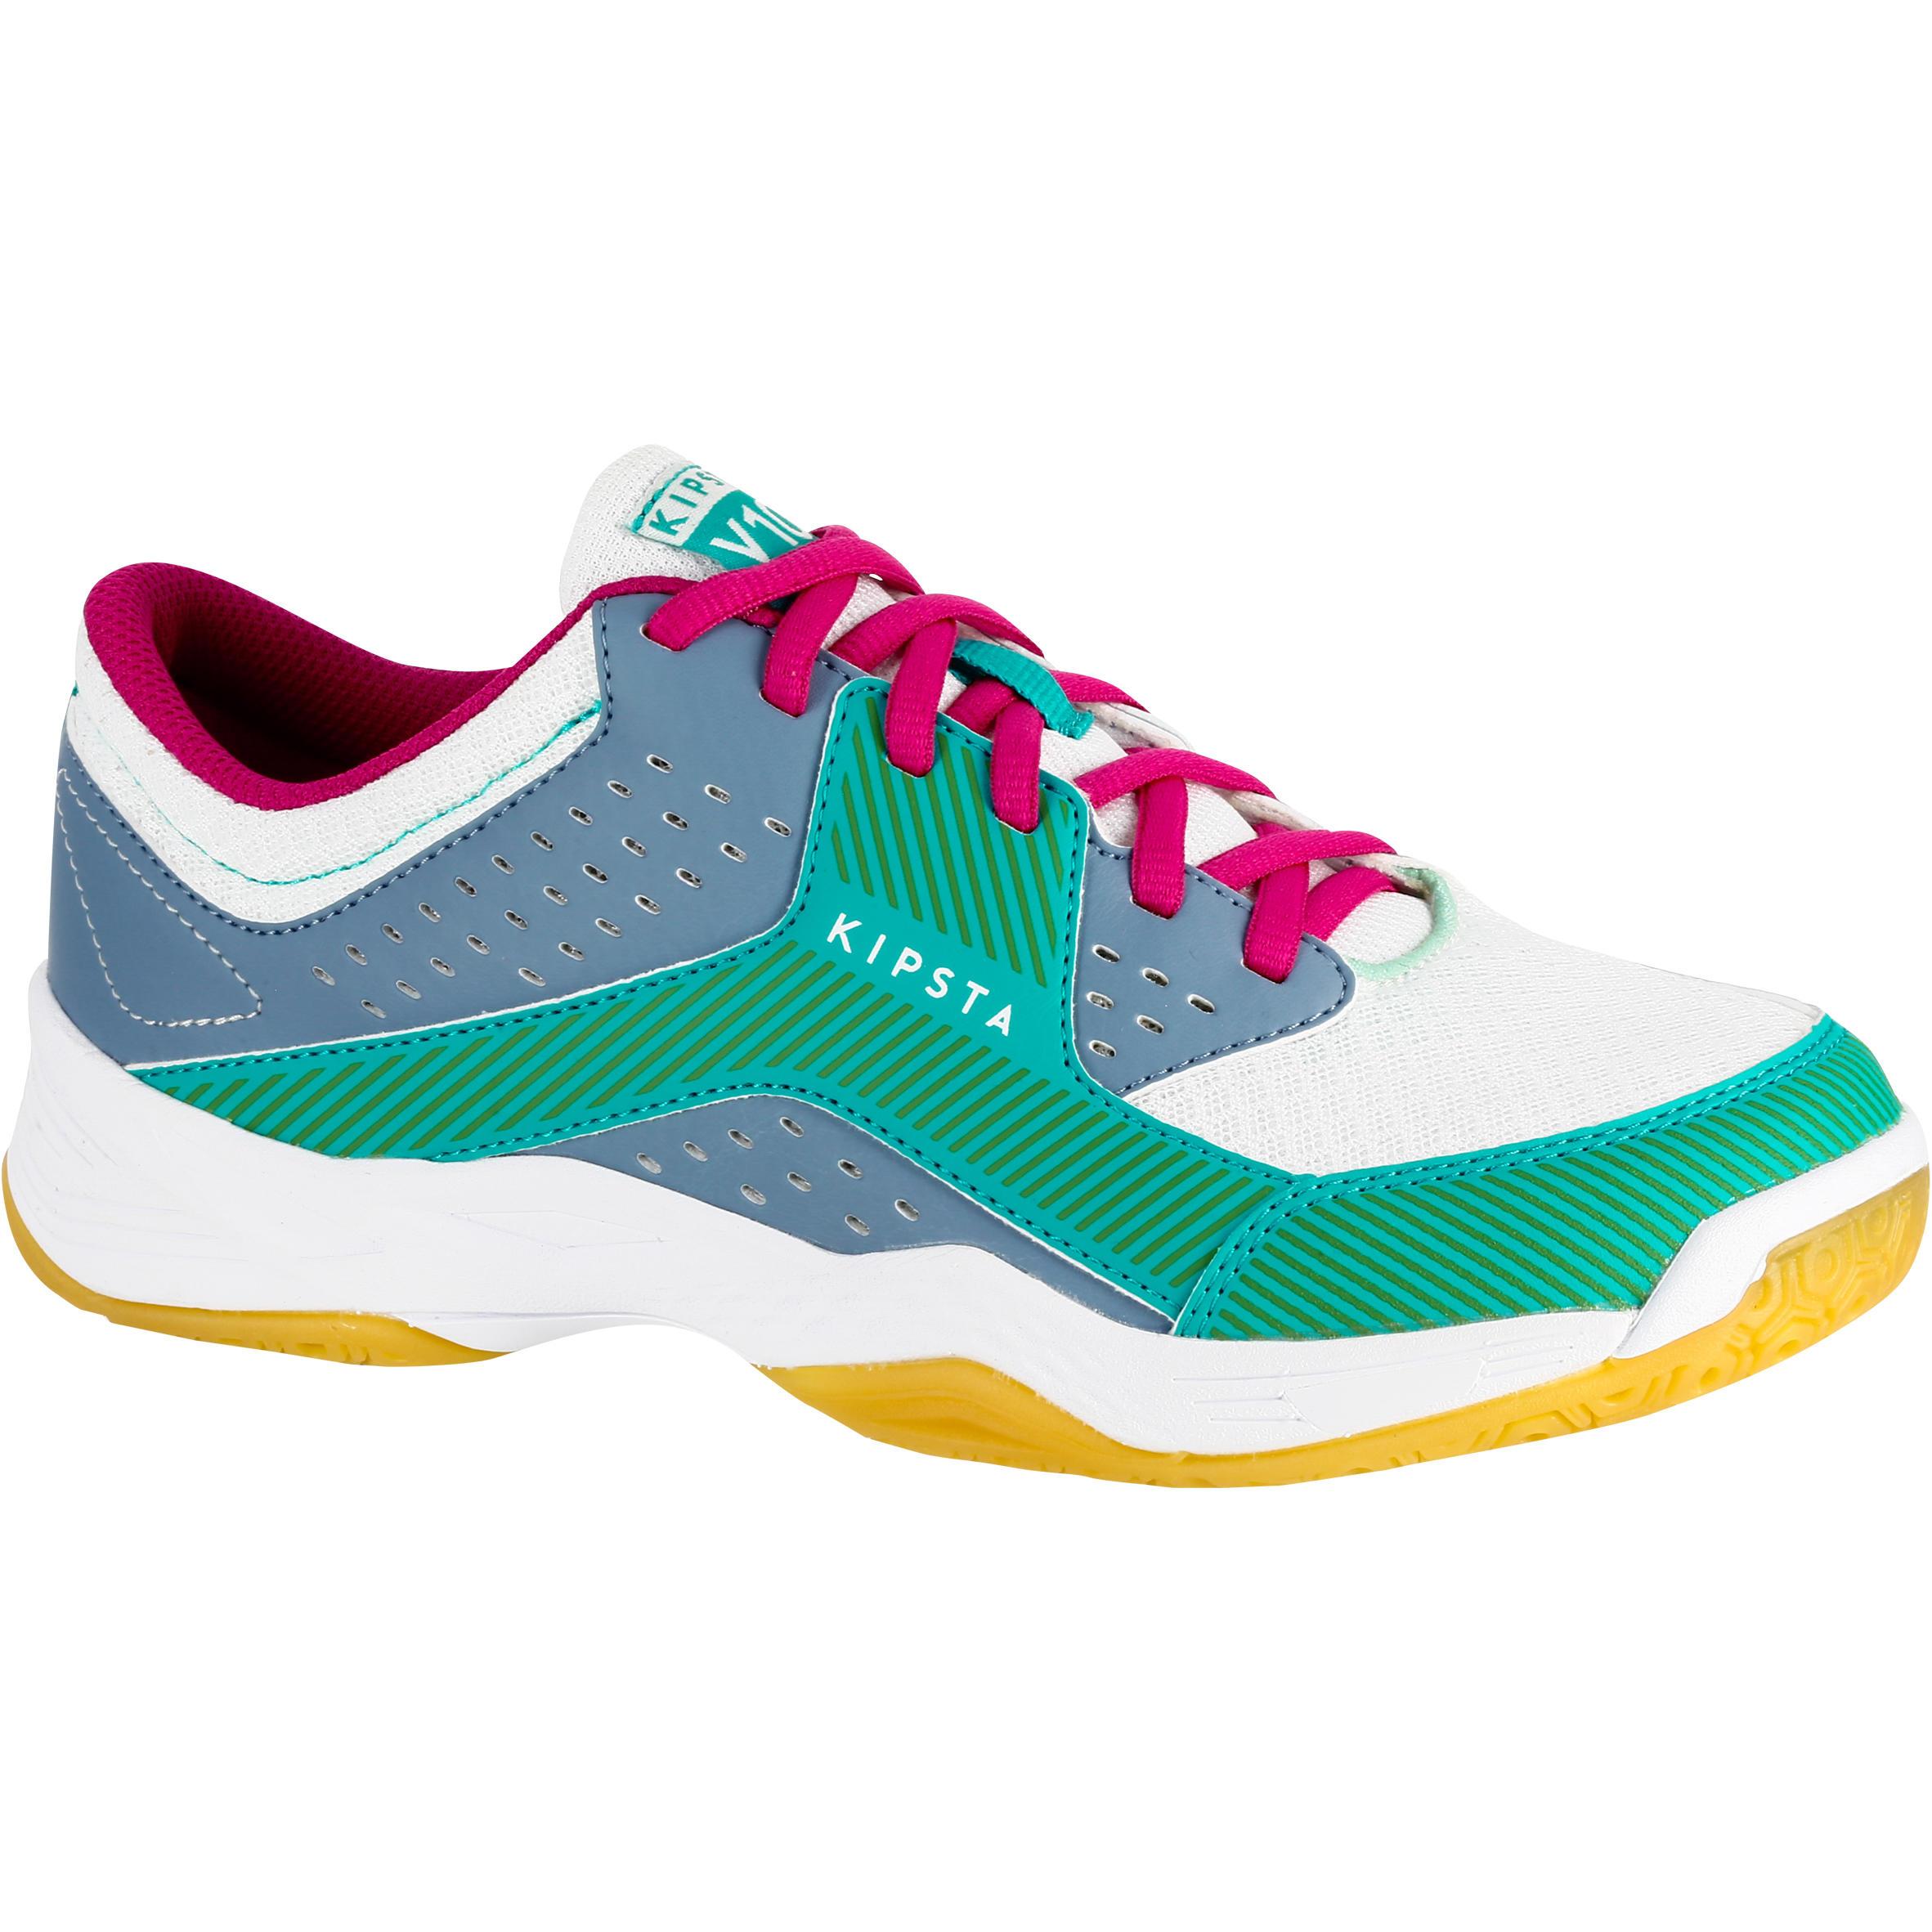 8e4965f76030d Comprar Zapatillas de Voleibol adultos y niños